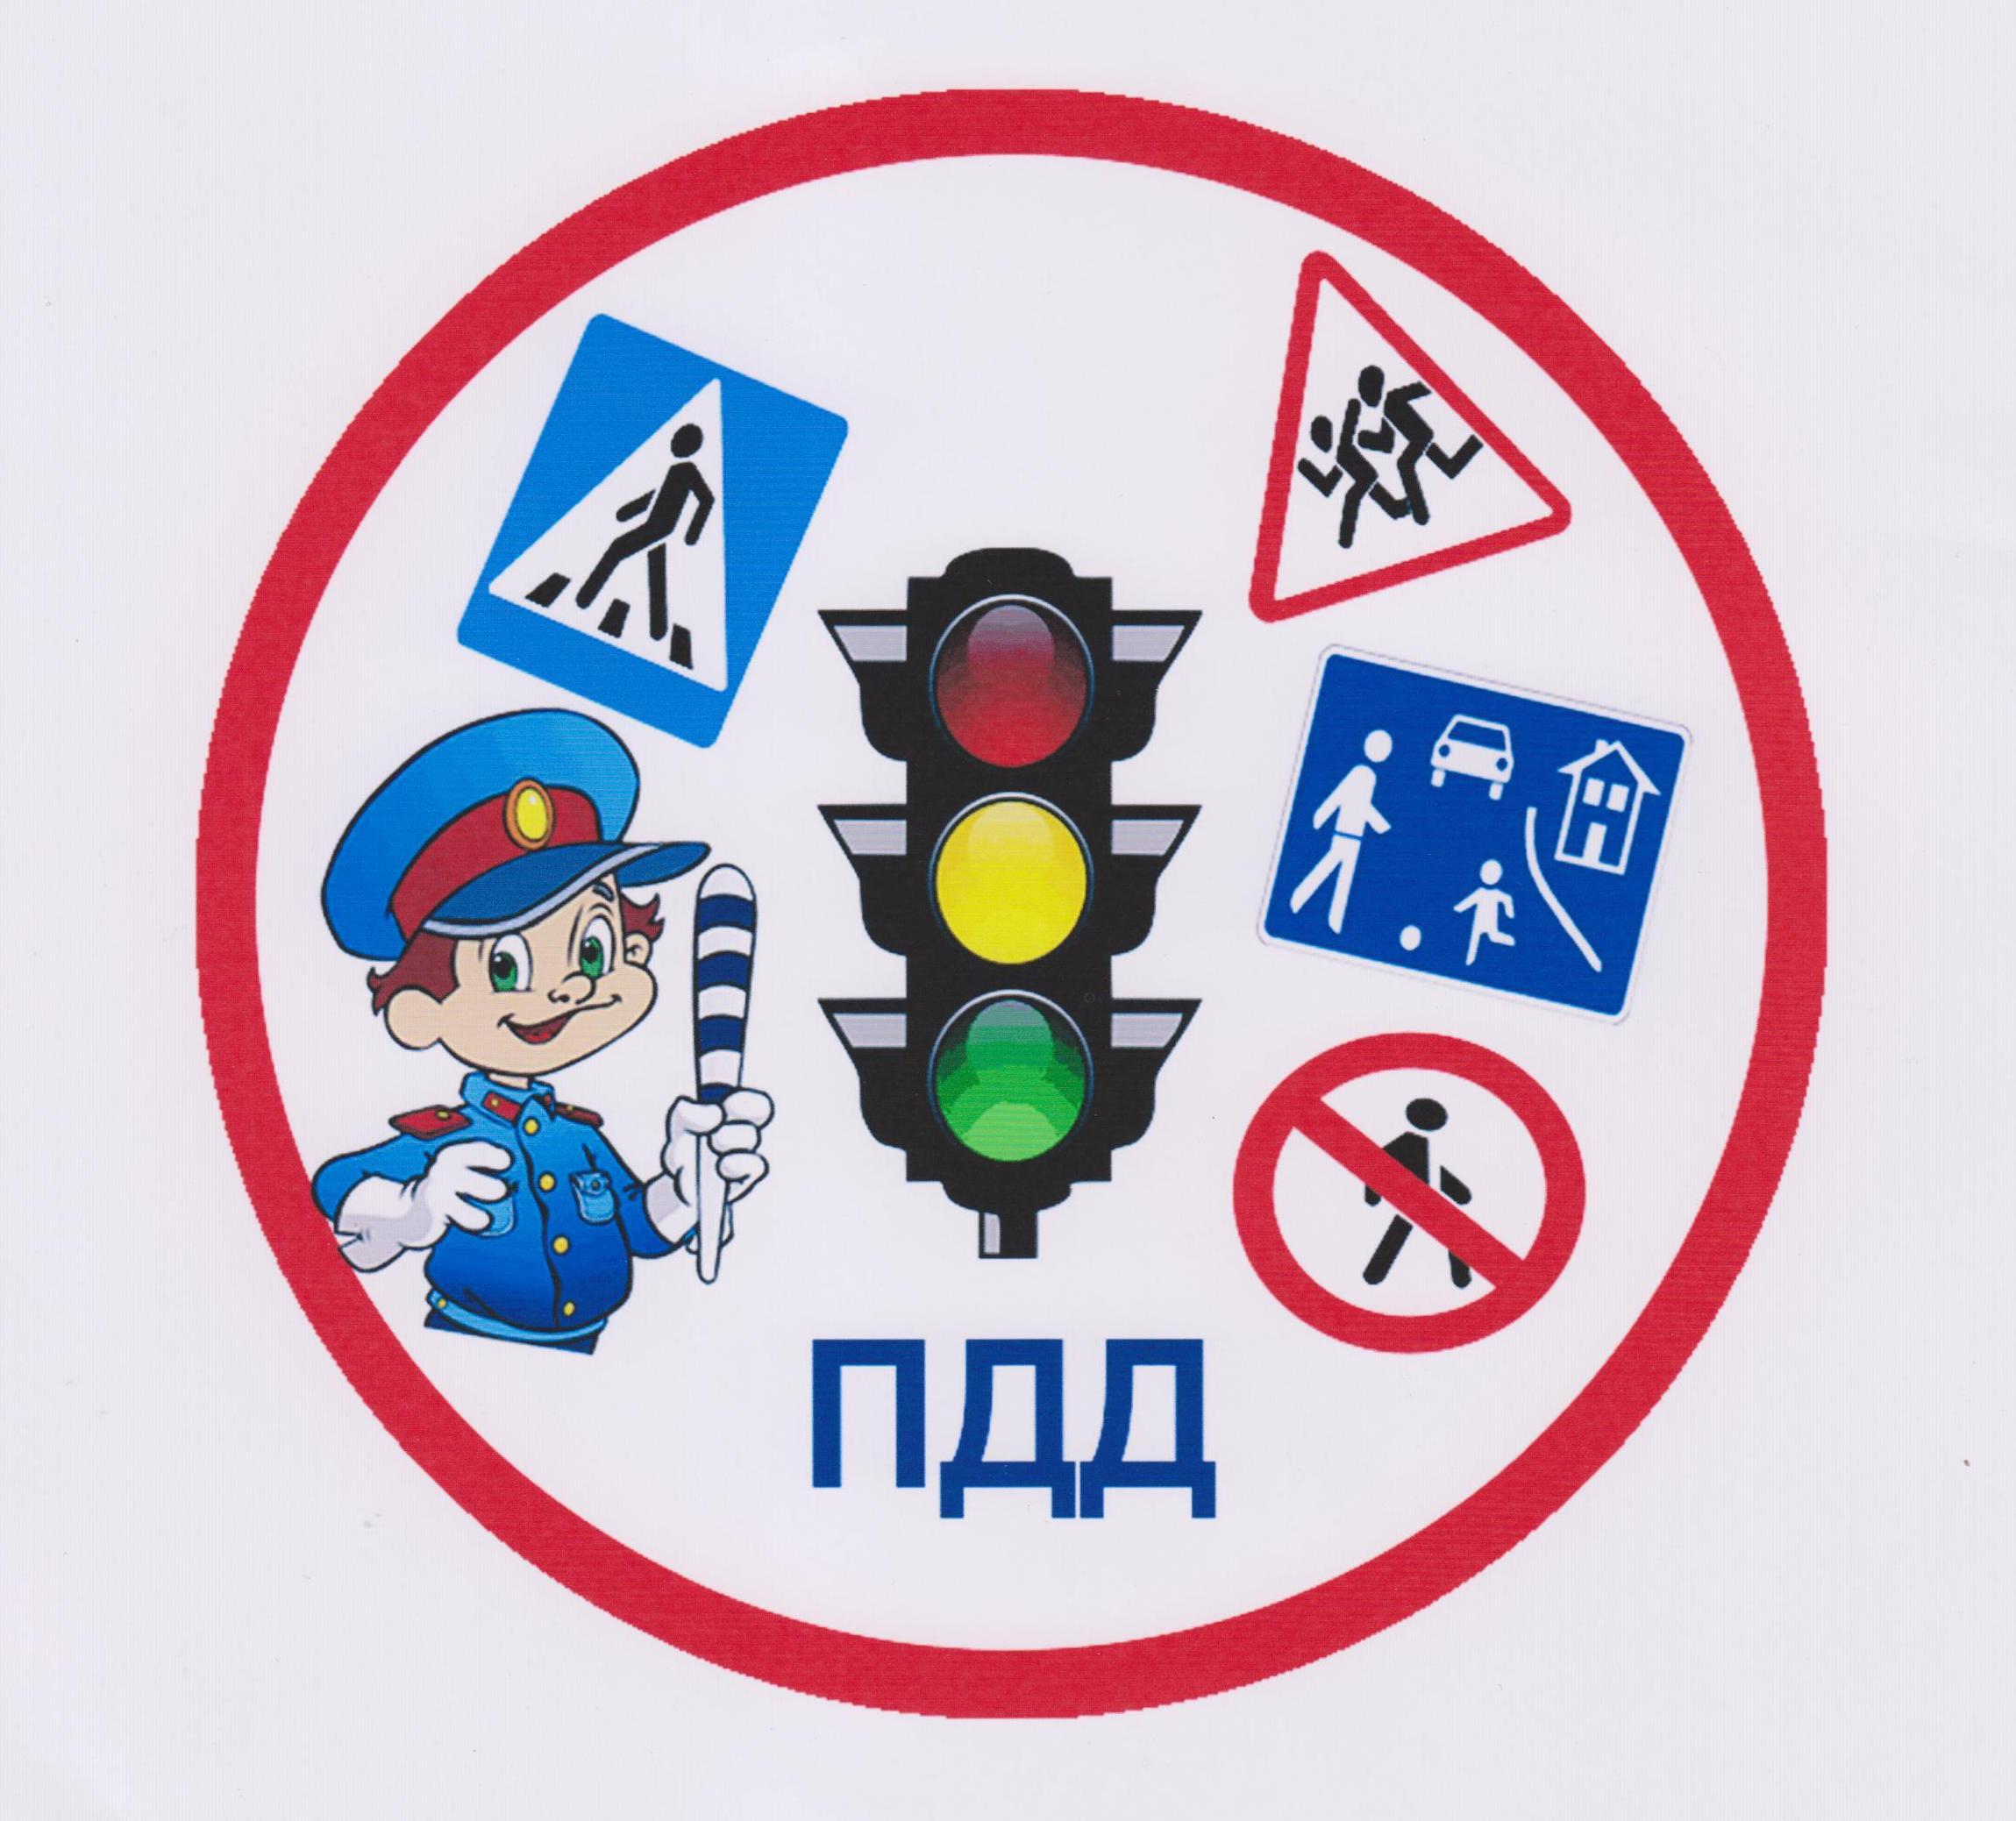 Картинки по запросу Ролики по профилактики дорожно-транспортного травматизма на сайте школы